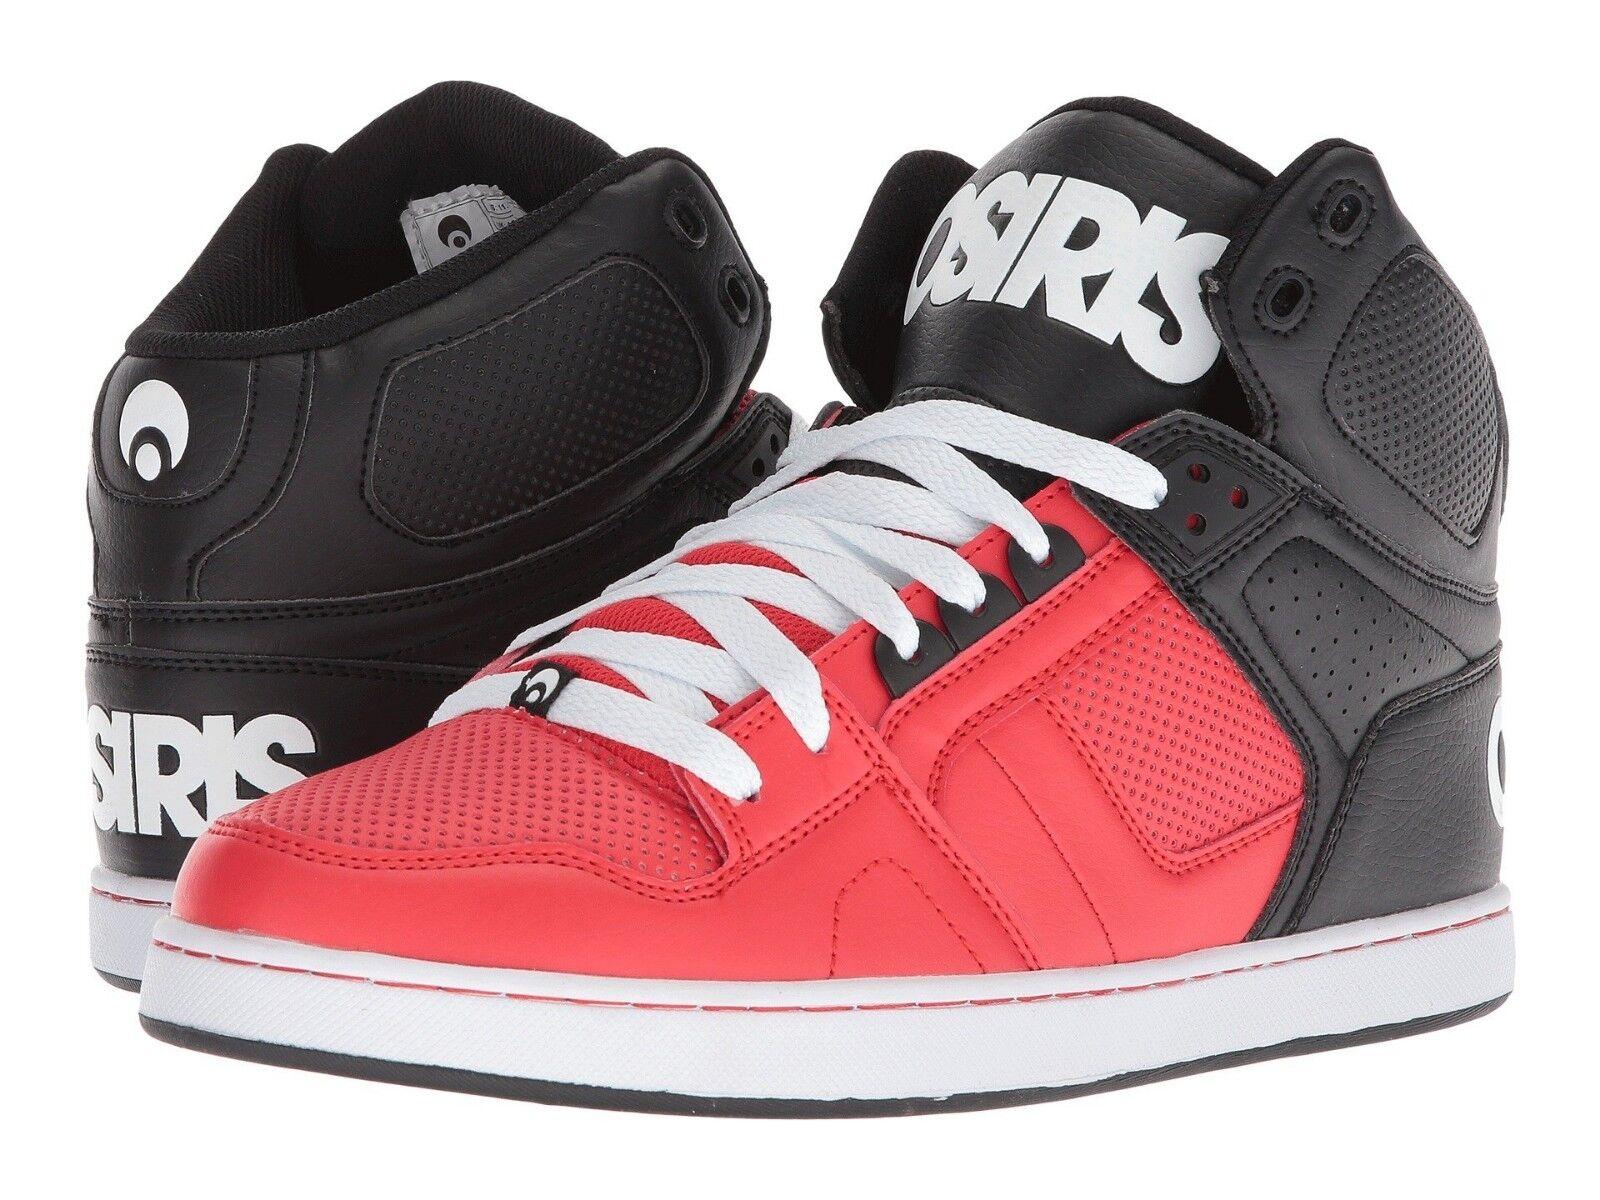 bei skateboard osiris nyc 83 clk skateboard bei für rot - schwarz - weiße schuhe e6379a